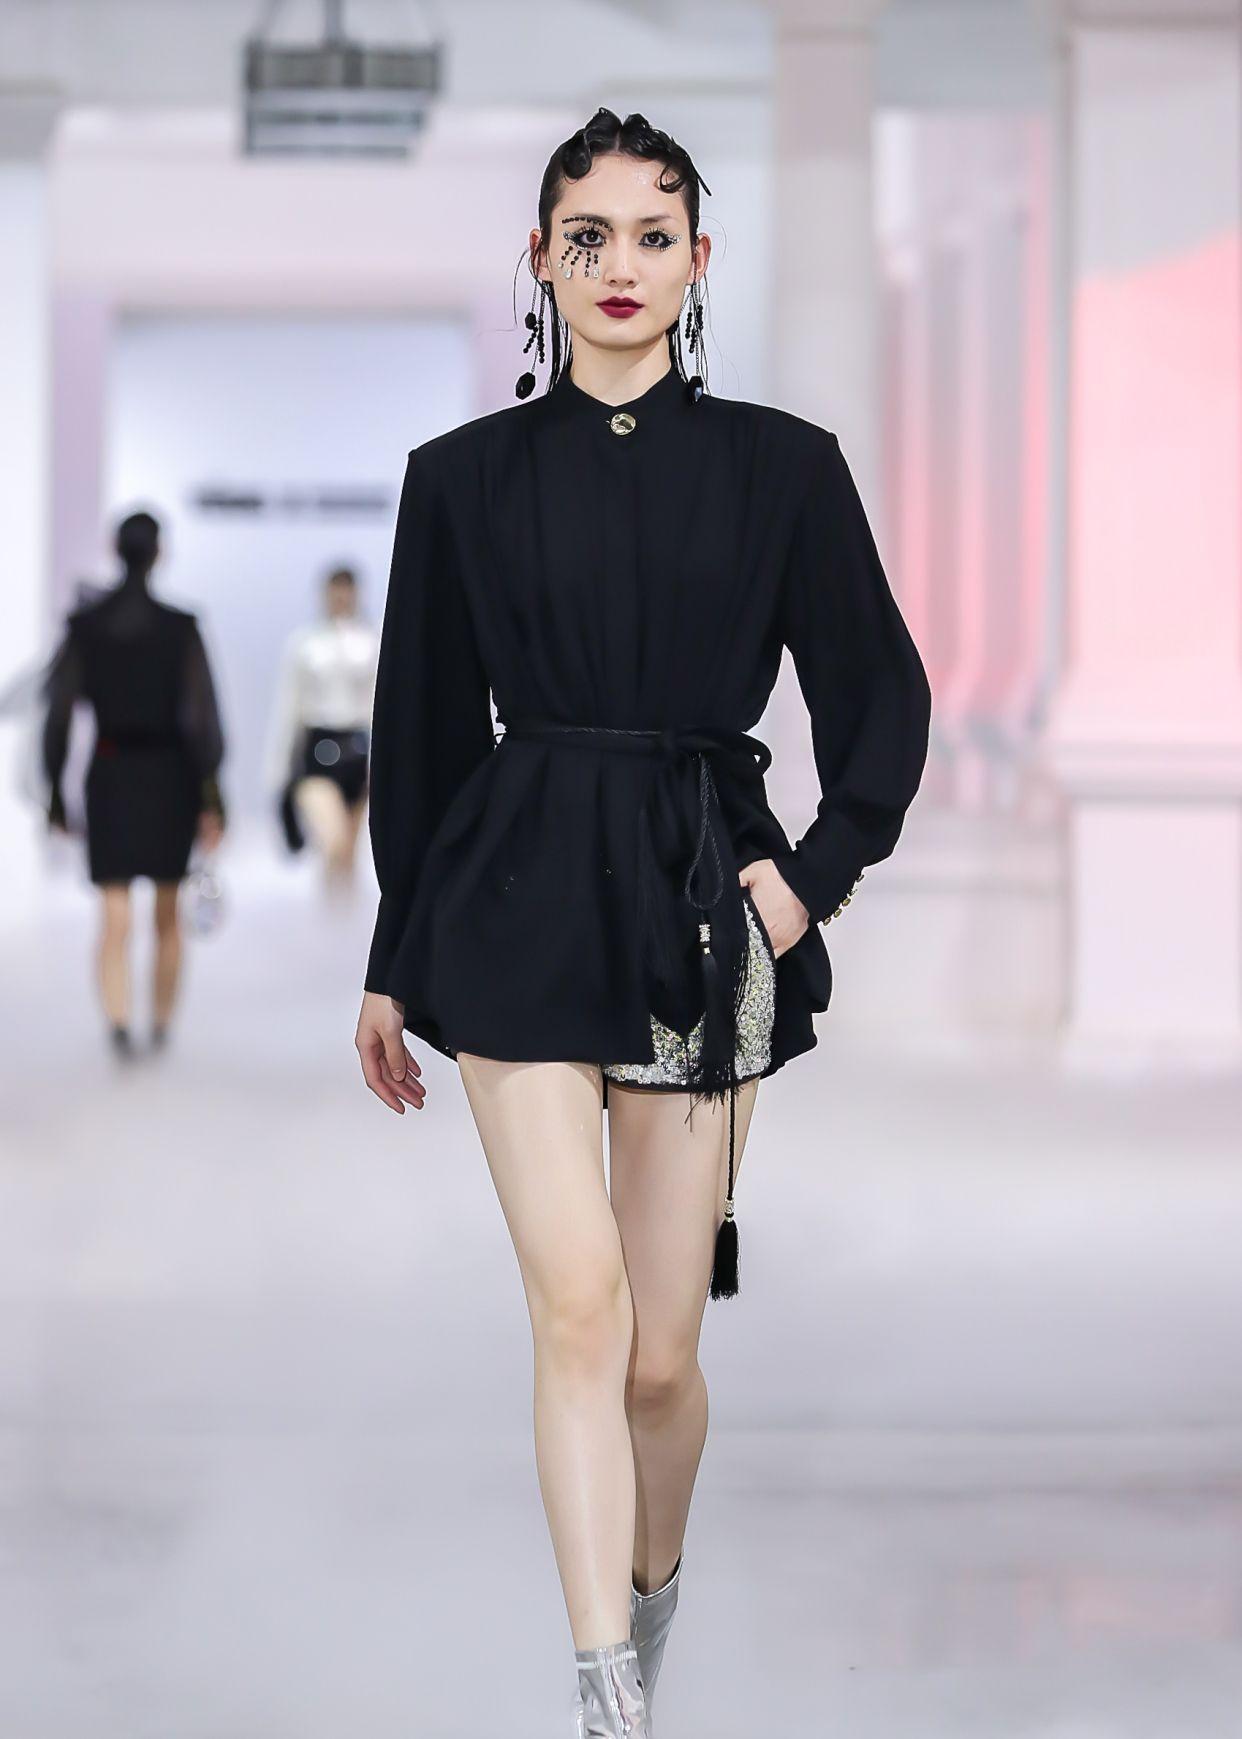 YOUG X 邢永:2020秋冬系列时装秀,大胆前卫凸显完美身形